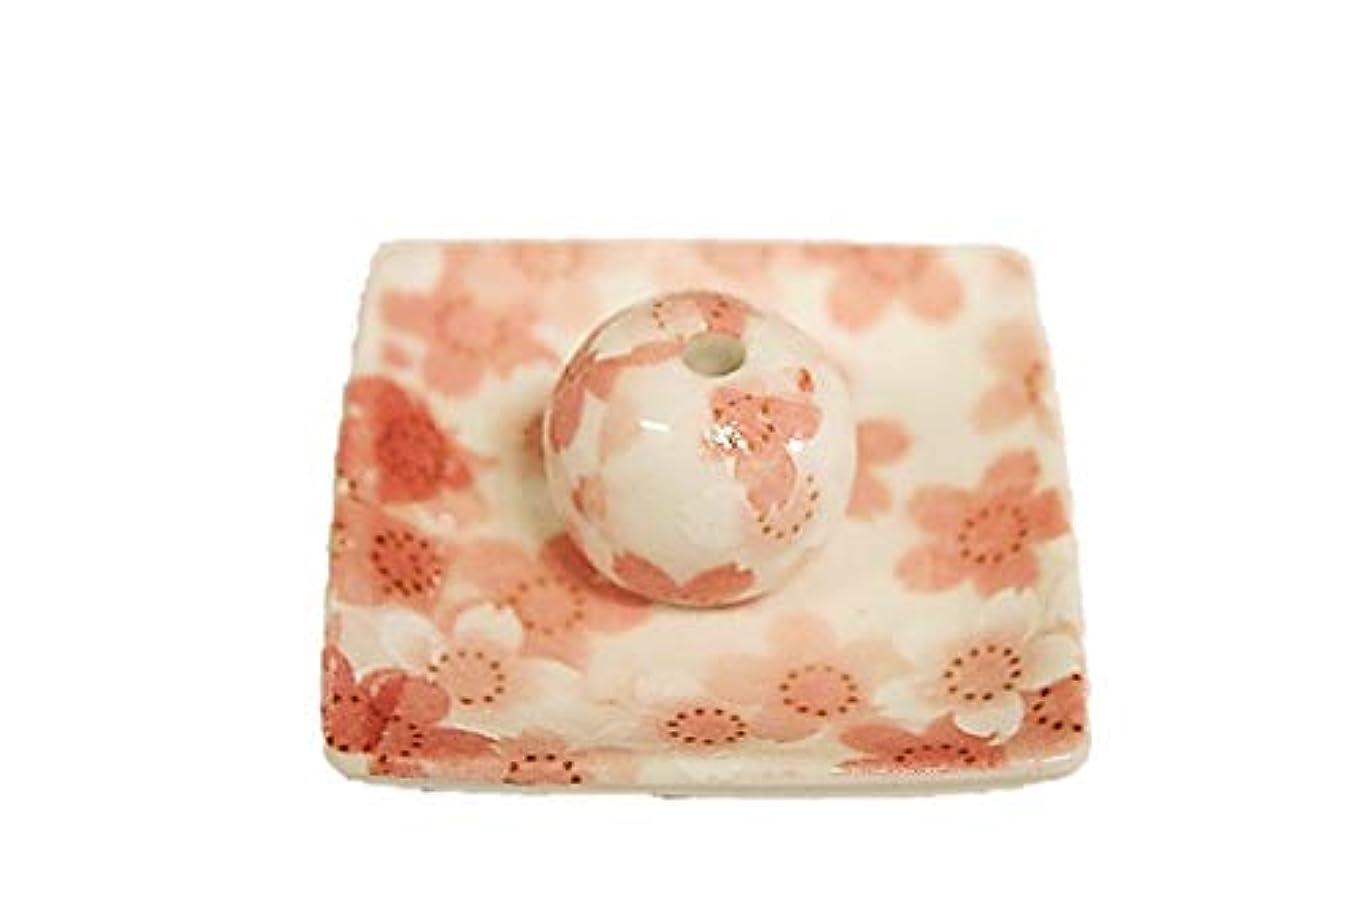 懲らしめ汚染する振る舞い満開桜 小角皿 お香立て 陶器 ACSWEBSHOPオリジナル